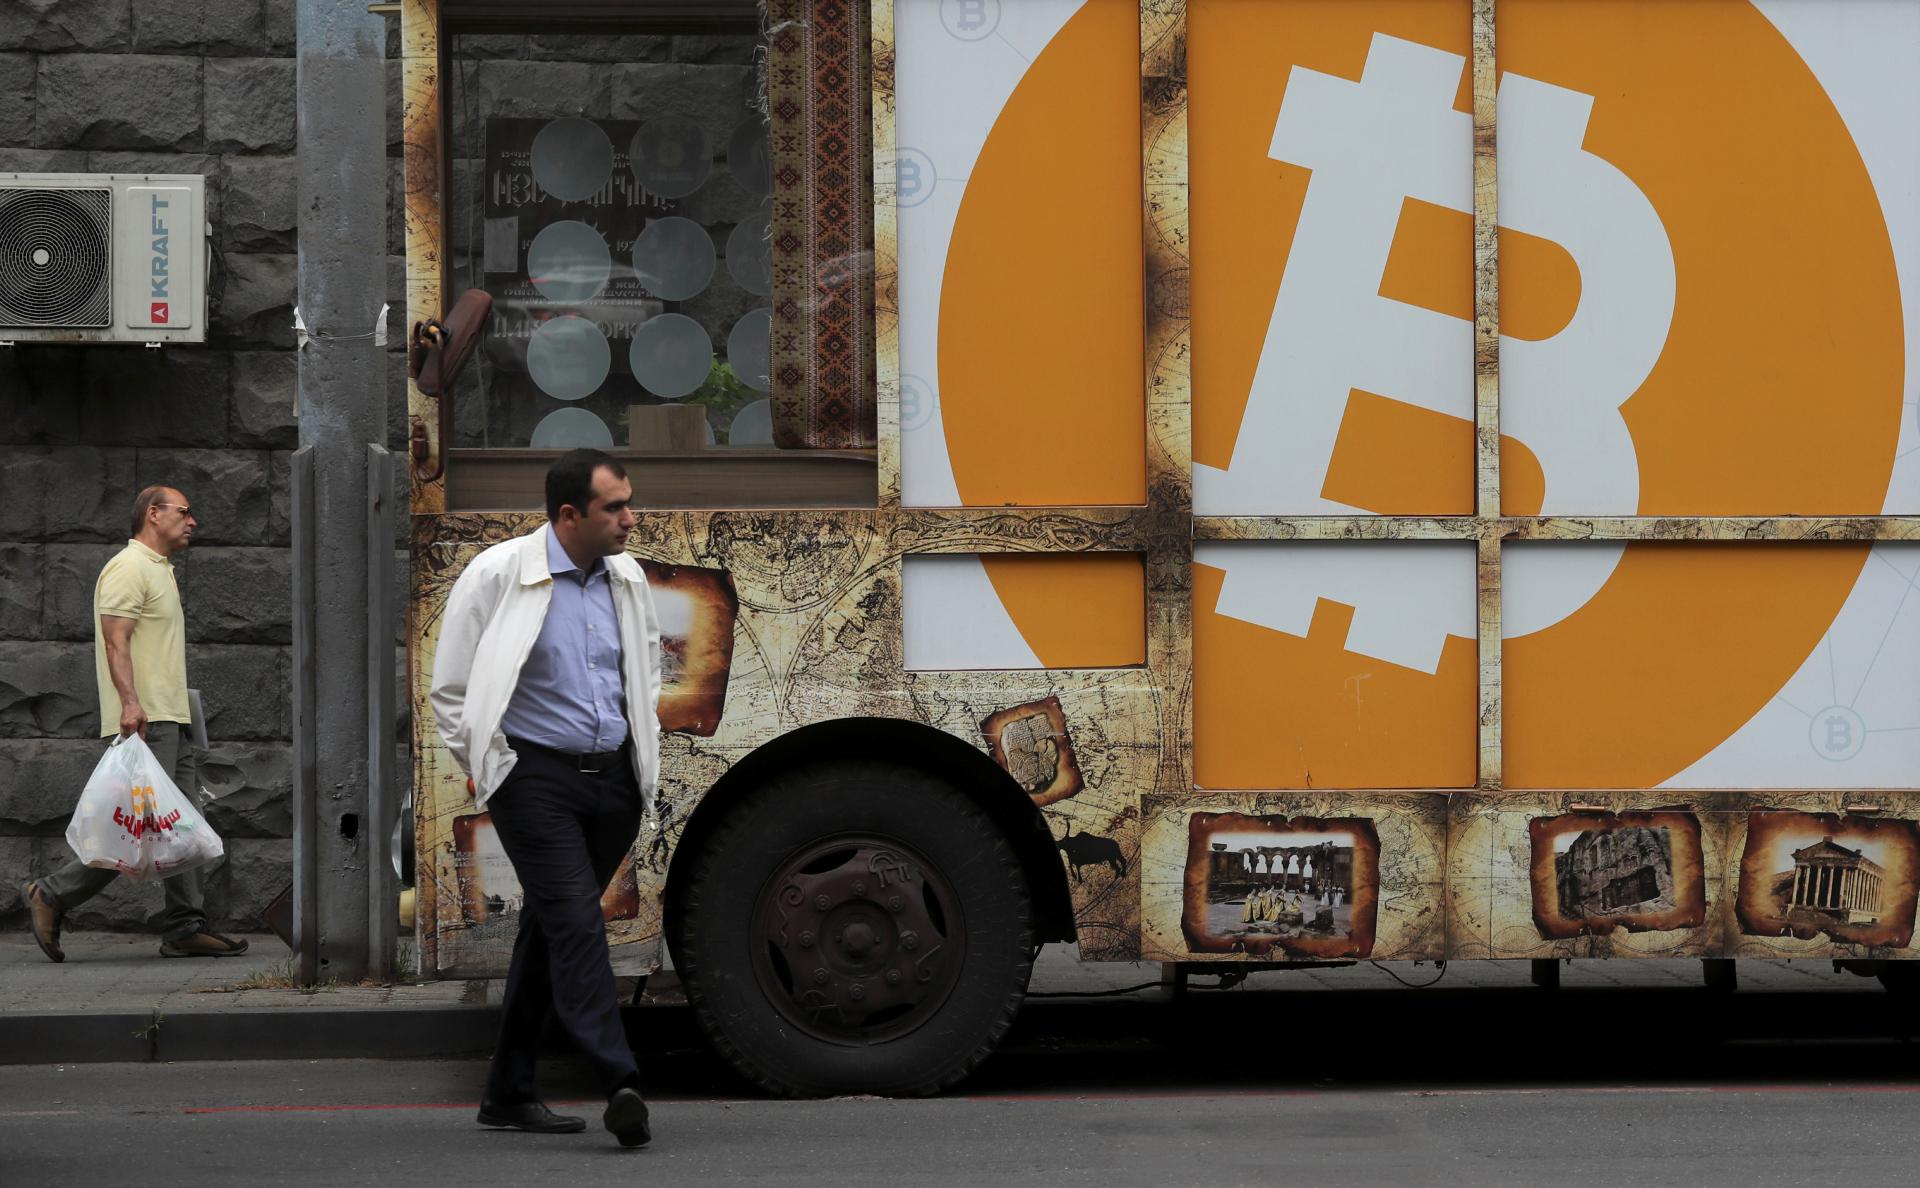 Стоимость биткоина впервые превысила $25 тыс.